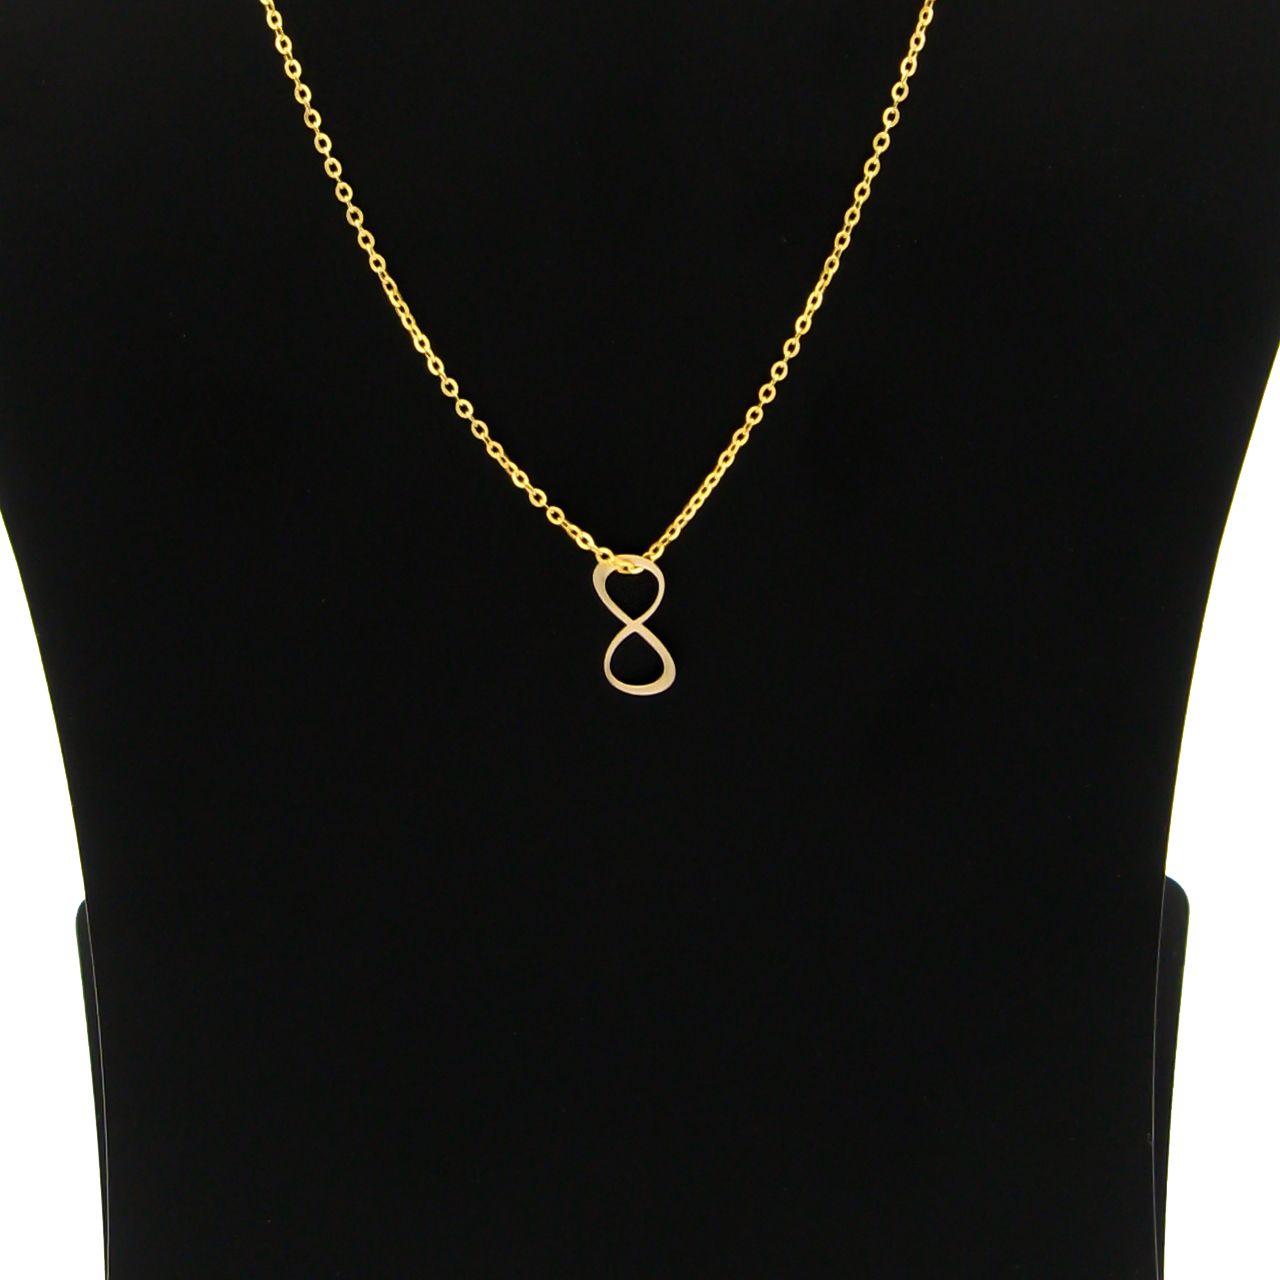 گردنبند طلا 18 عیار زنانه مانچو کد sfgs017 thumb 2 3